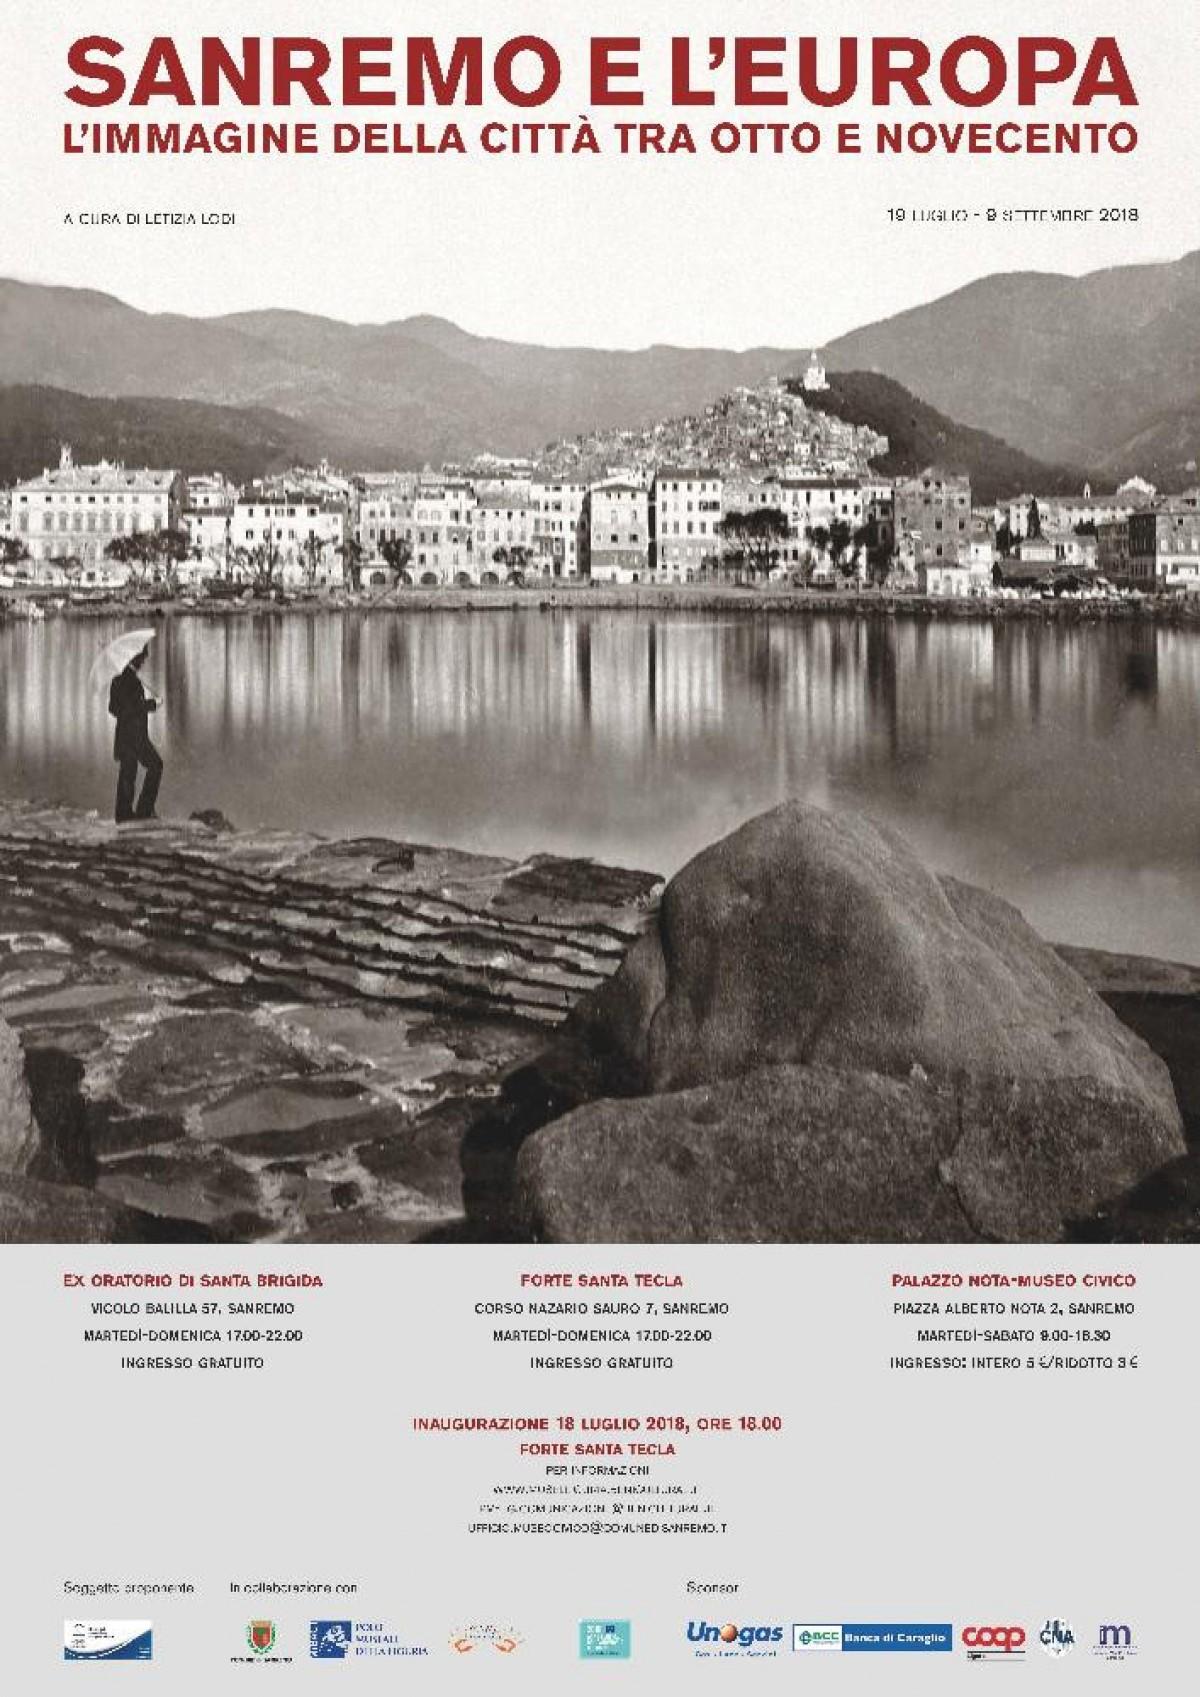 Sanremo e l Europa L immagine della citt tra Otto e Novecento